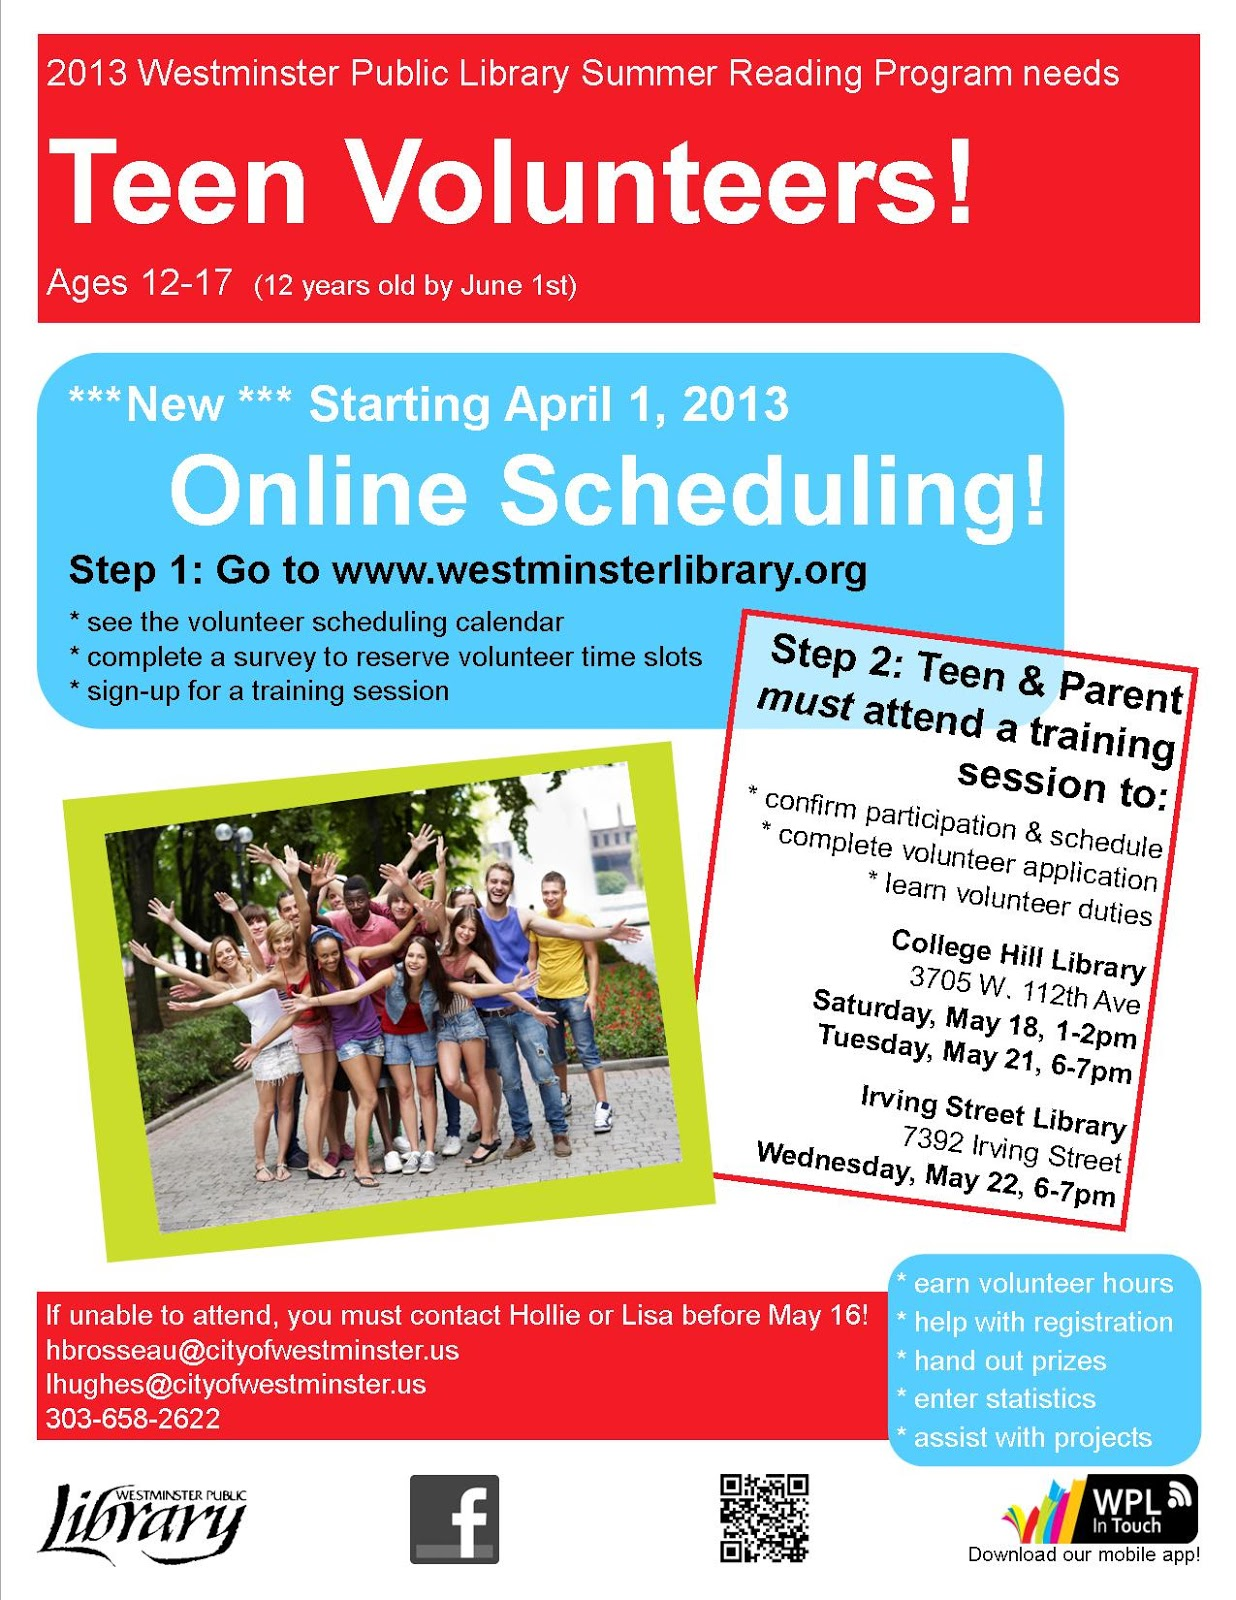 teen underground online scheduling for teen summer reading online scheduling for teen summer reading program volunteers starts today